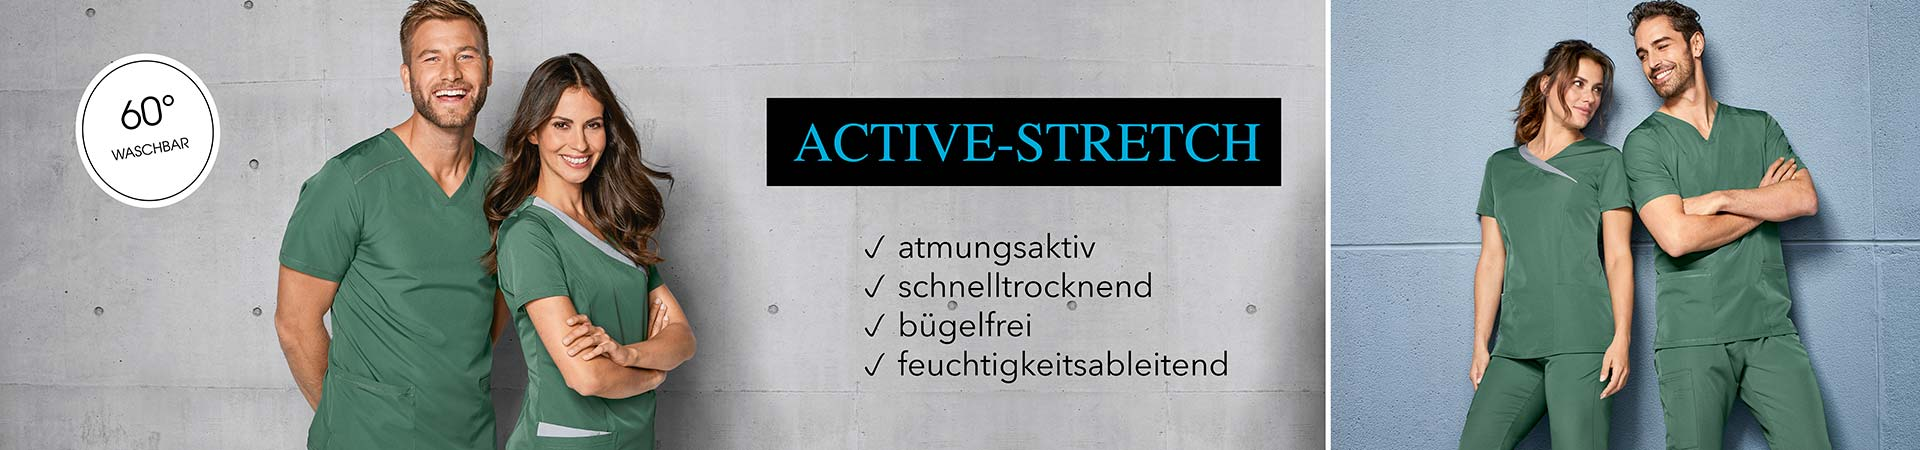 Teambekleidung - Active-Stretch bei 7days